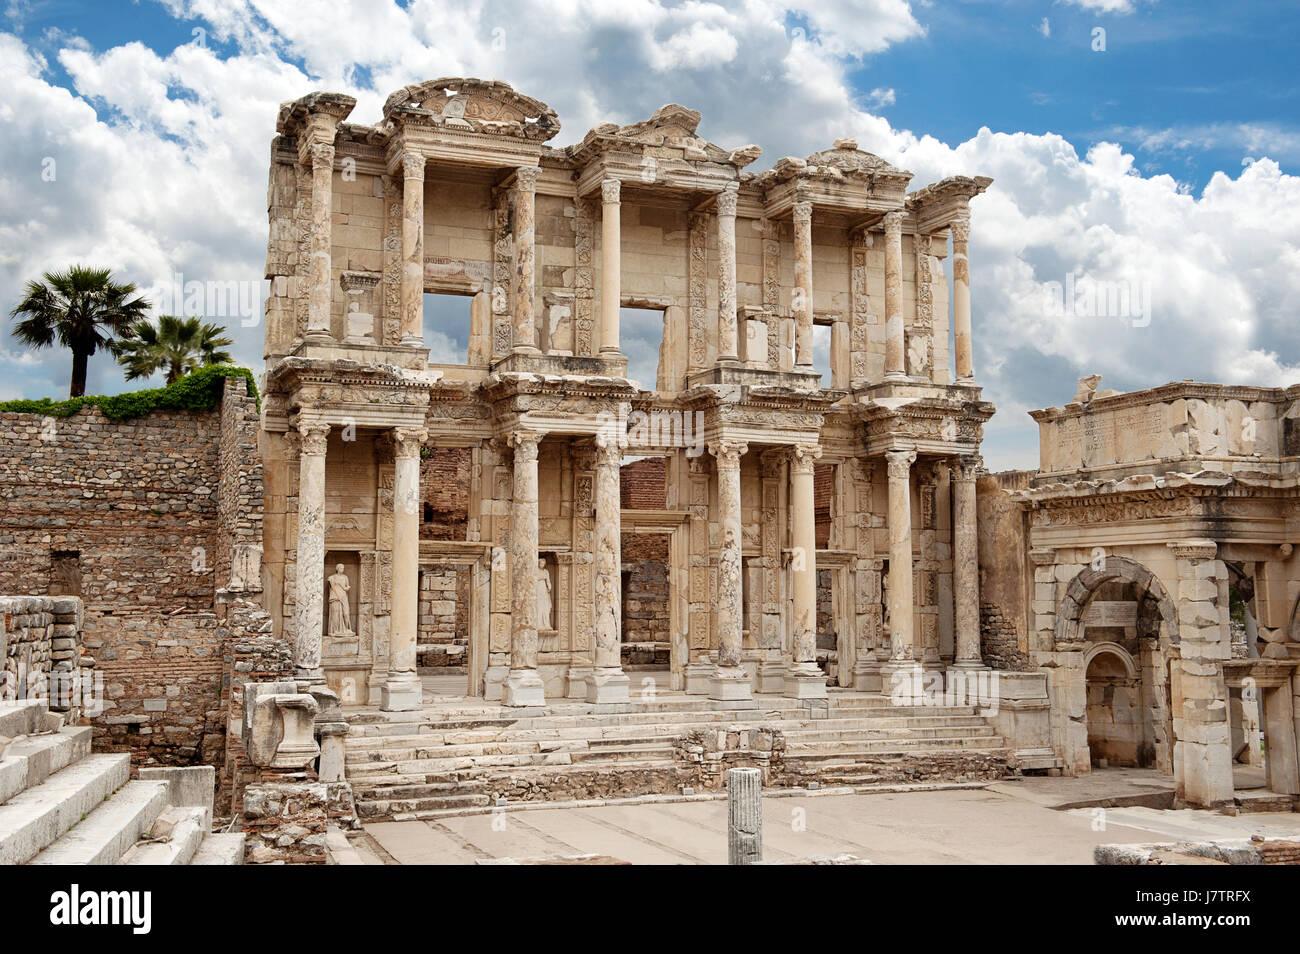 Ephesus, Turkey - Stock Image